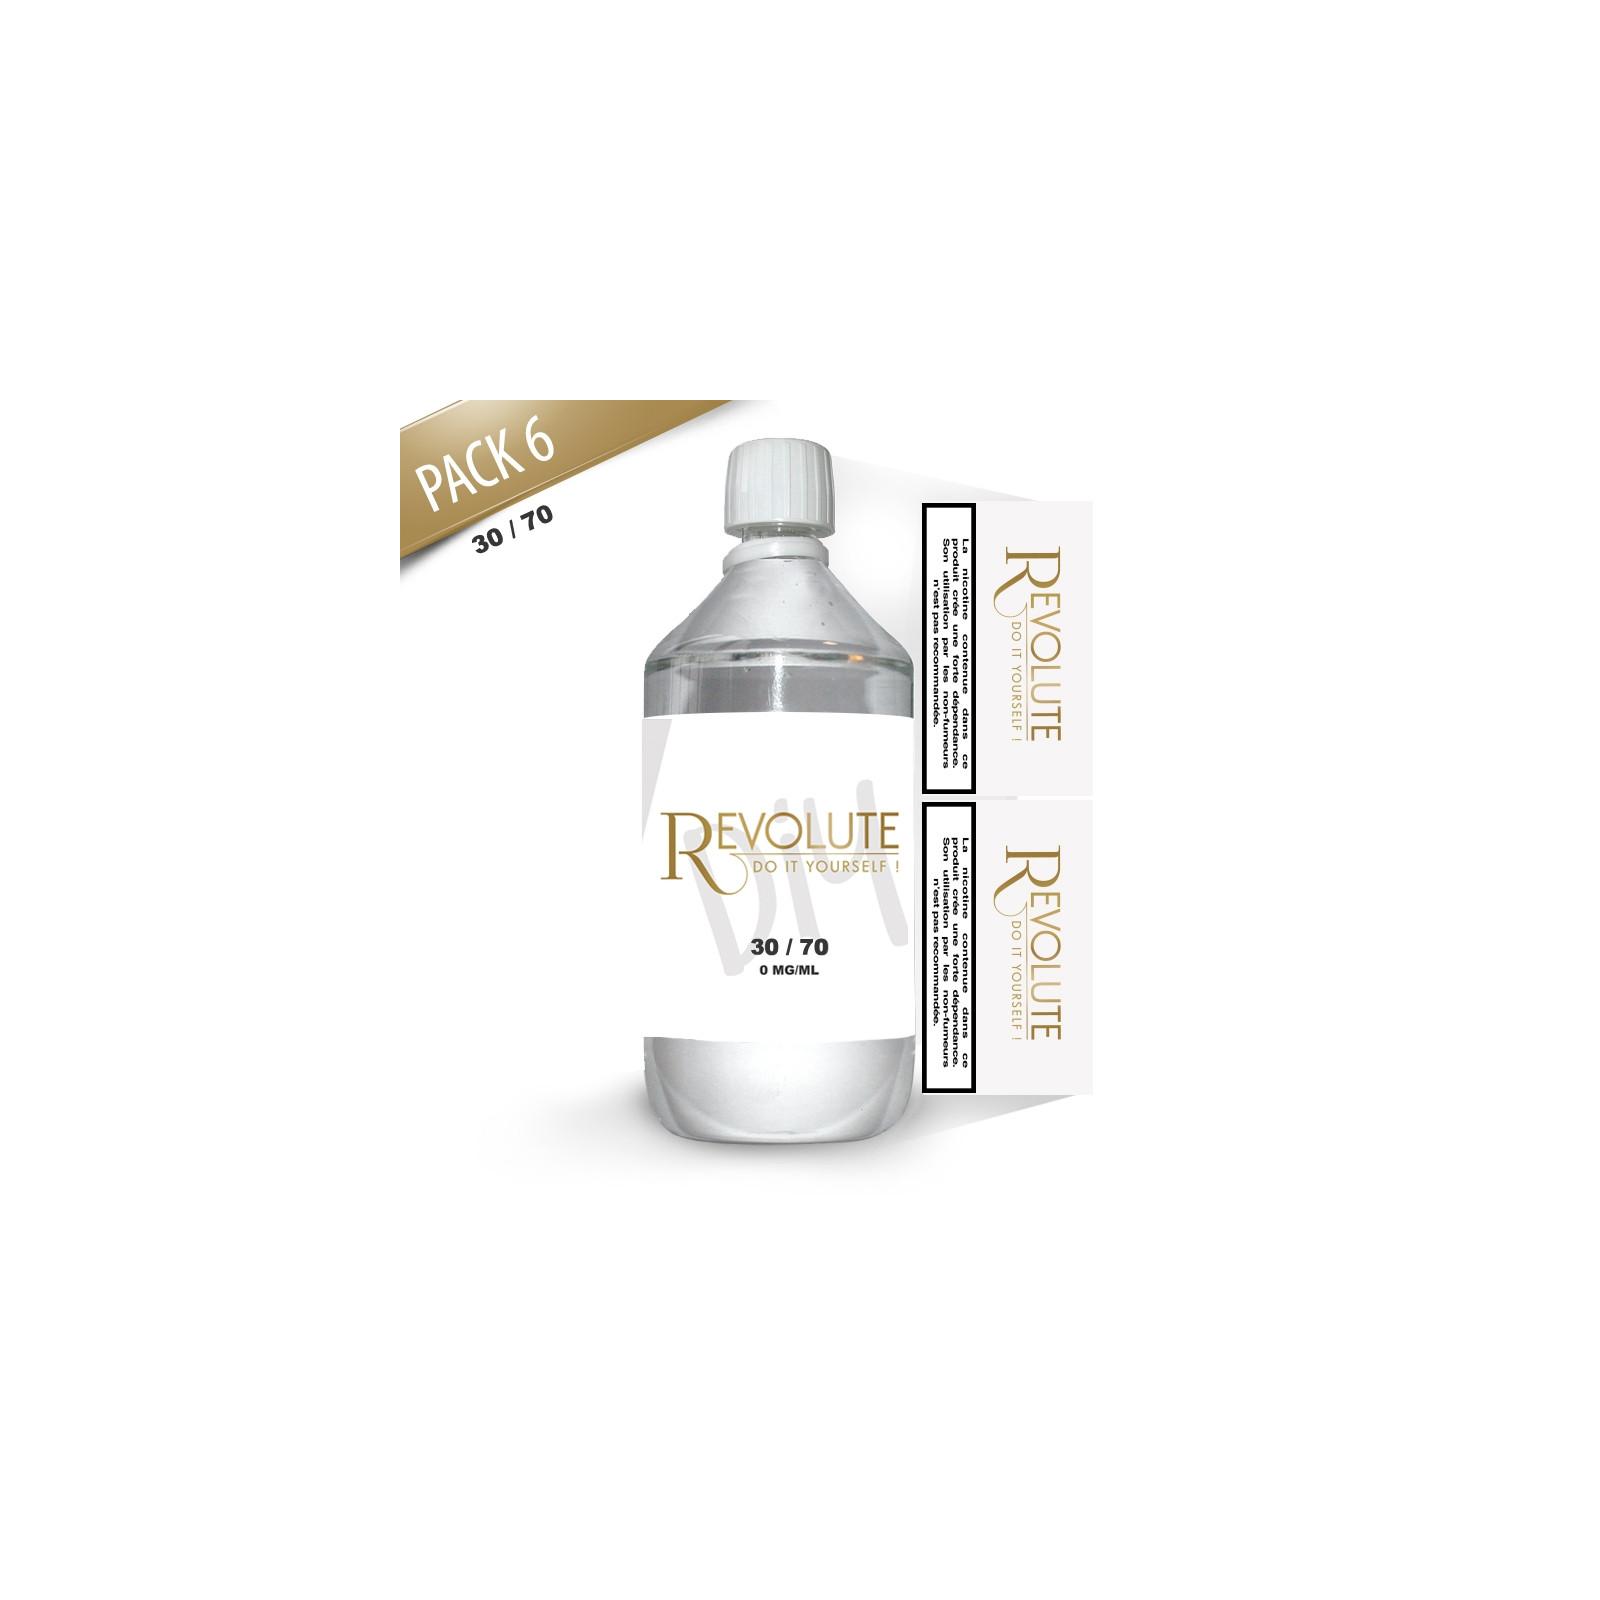 Base 50/50 1L Revolute - Revolute